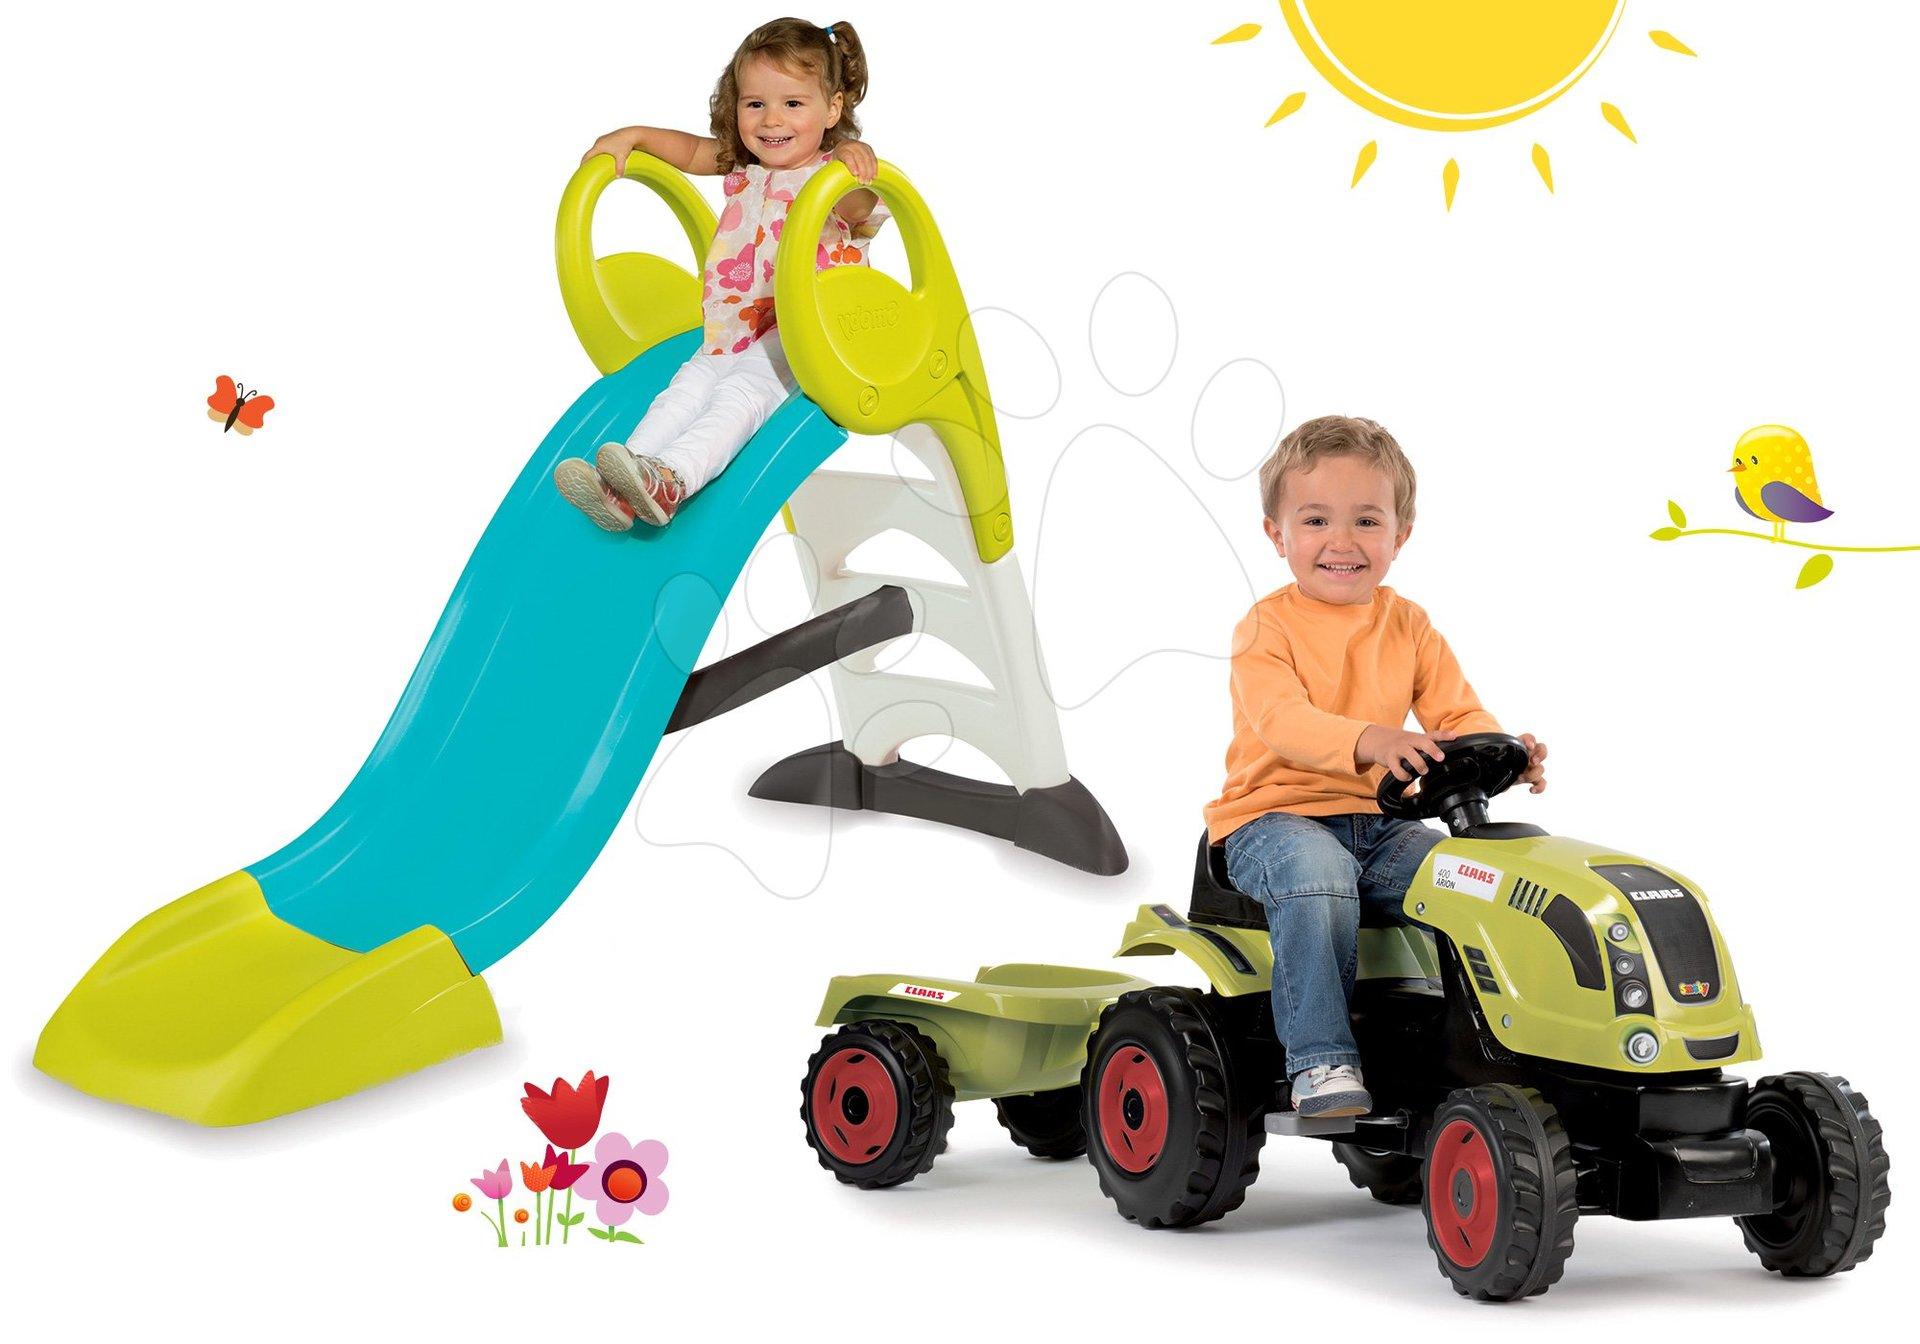 Smoby set šmykľavka Toboggan KS s dĺžkou 150 cm a traktor na šliapanie s prívesom 310269-23